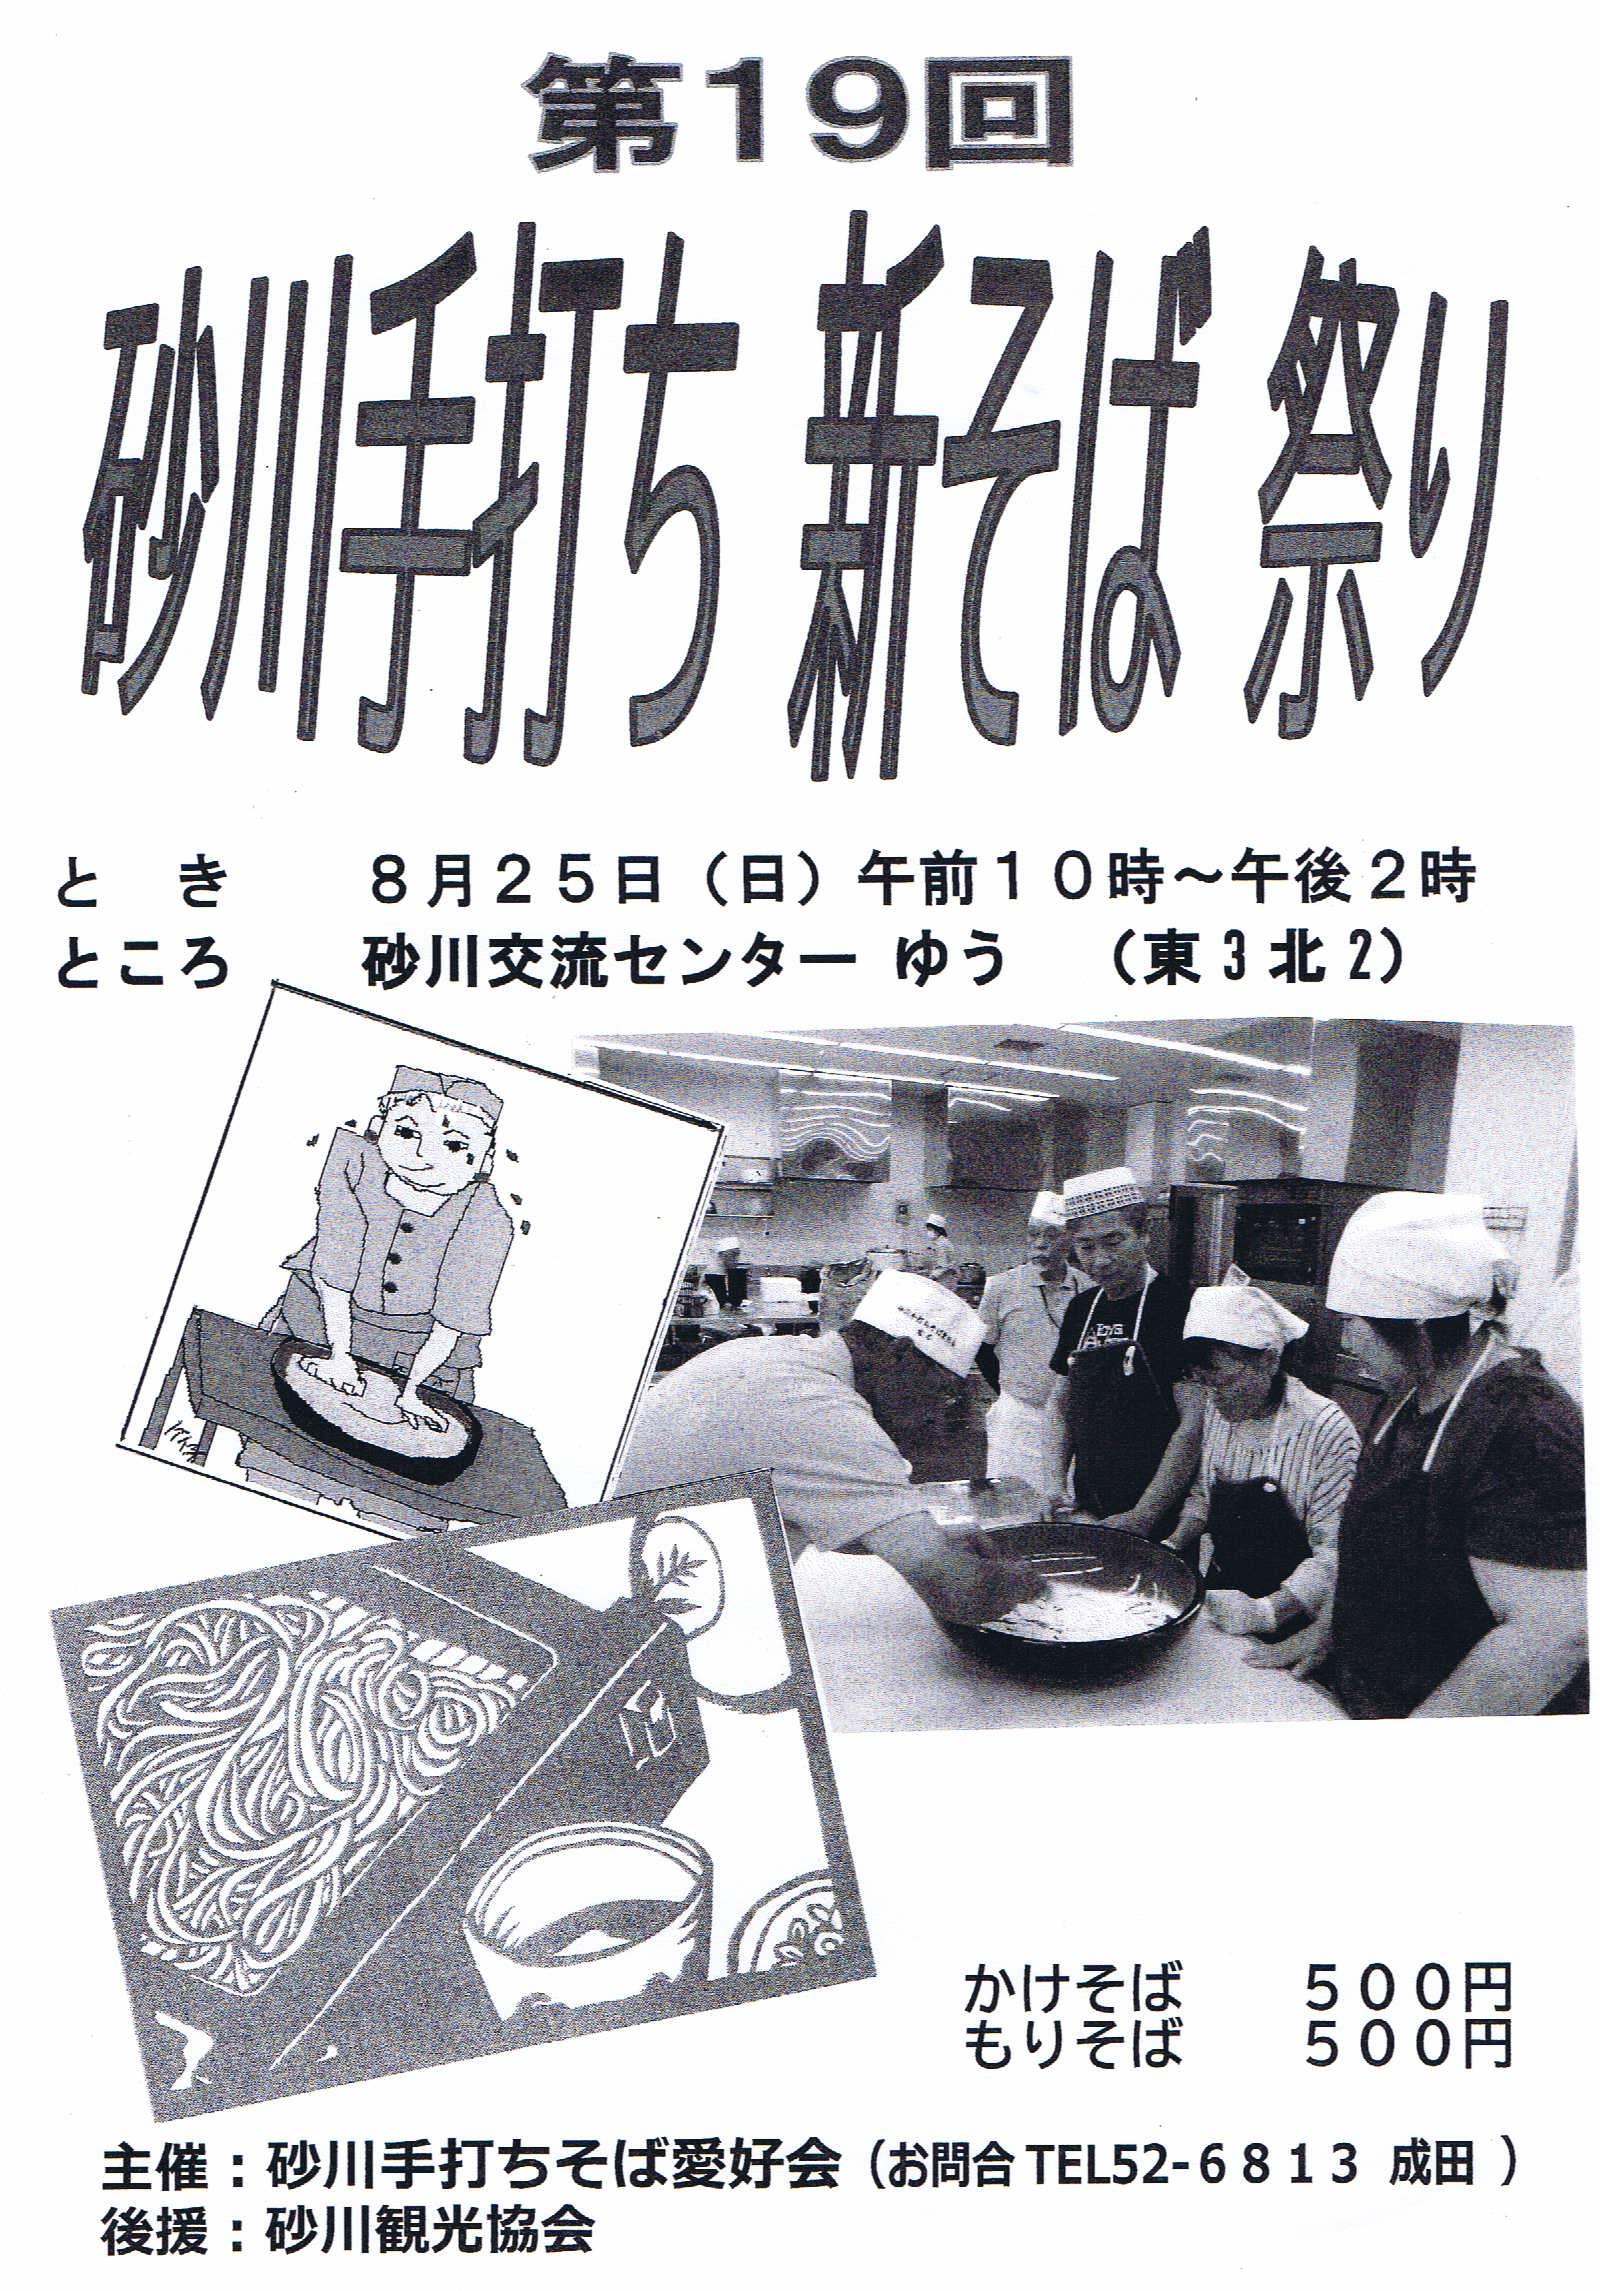 第19回砂川手打ち新そば祭りのポスター